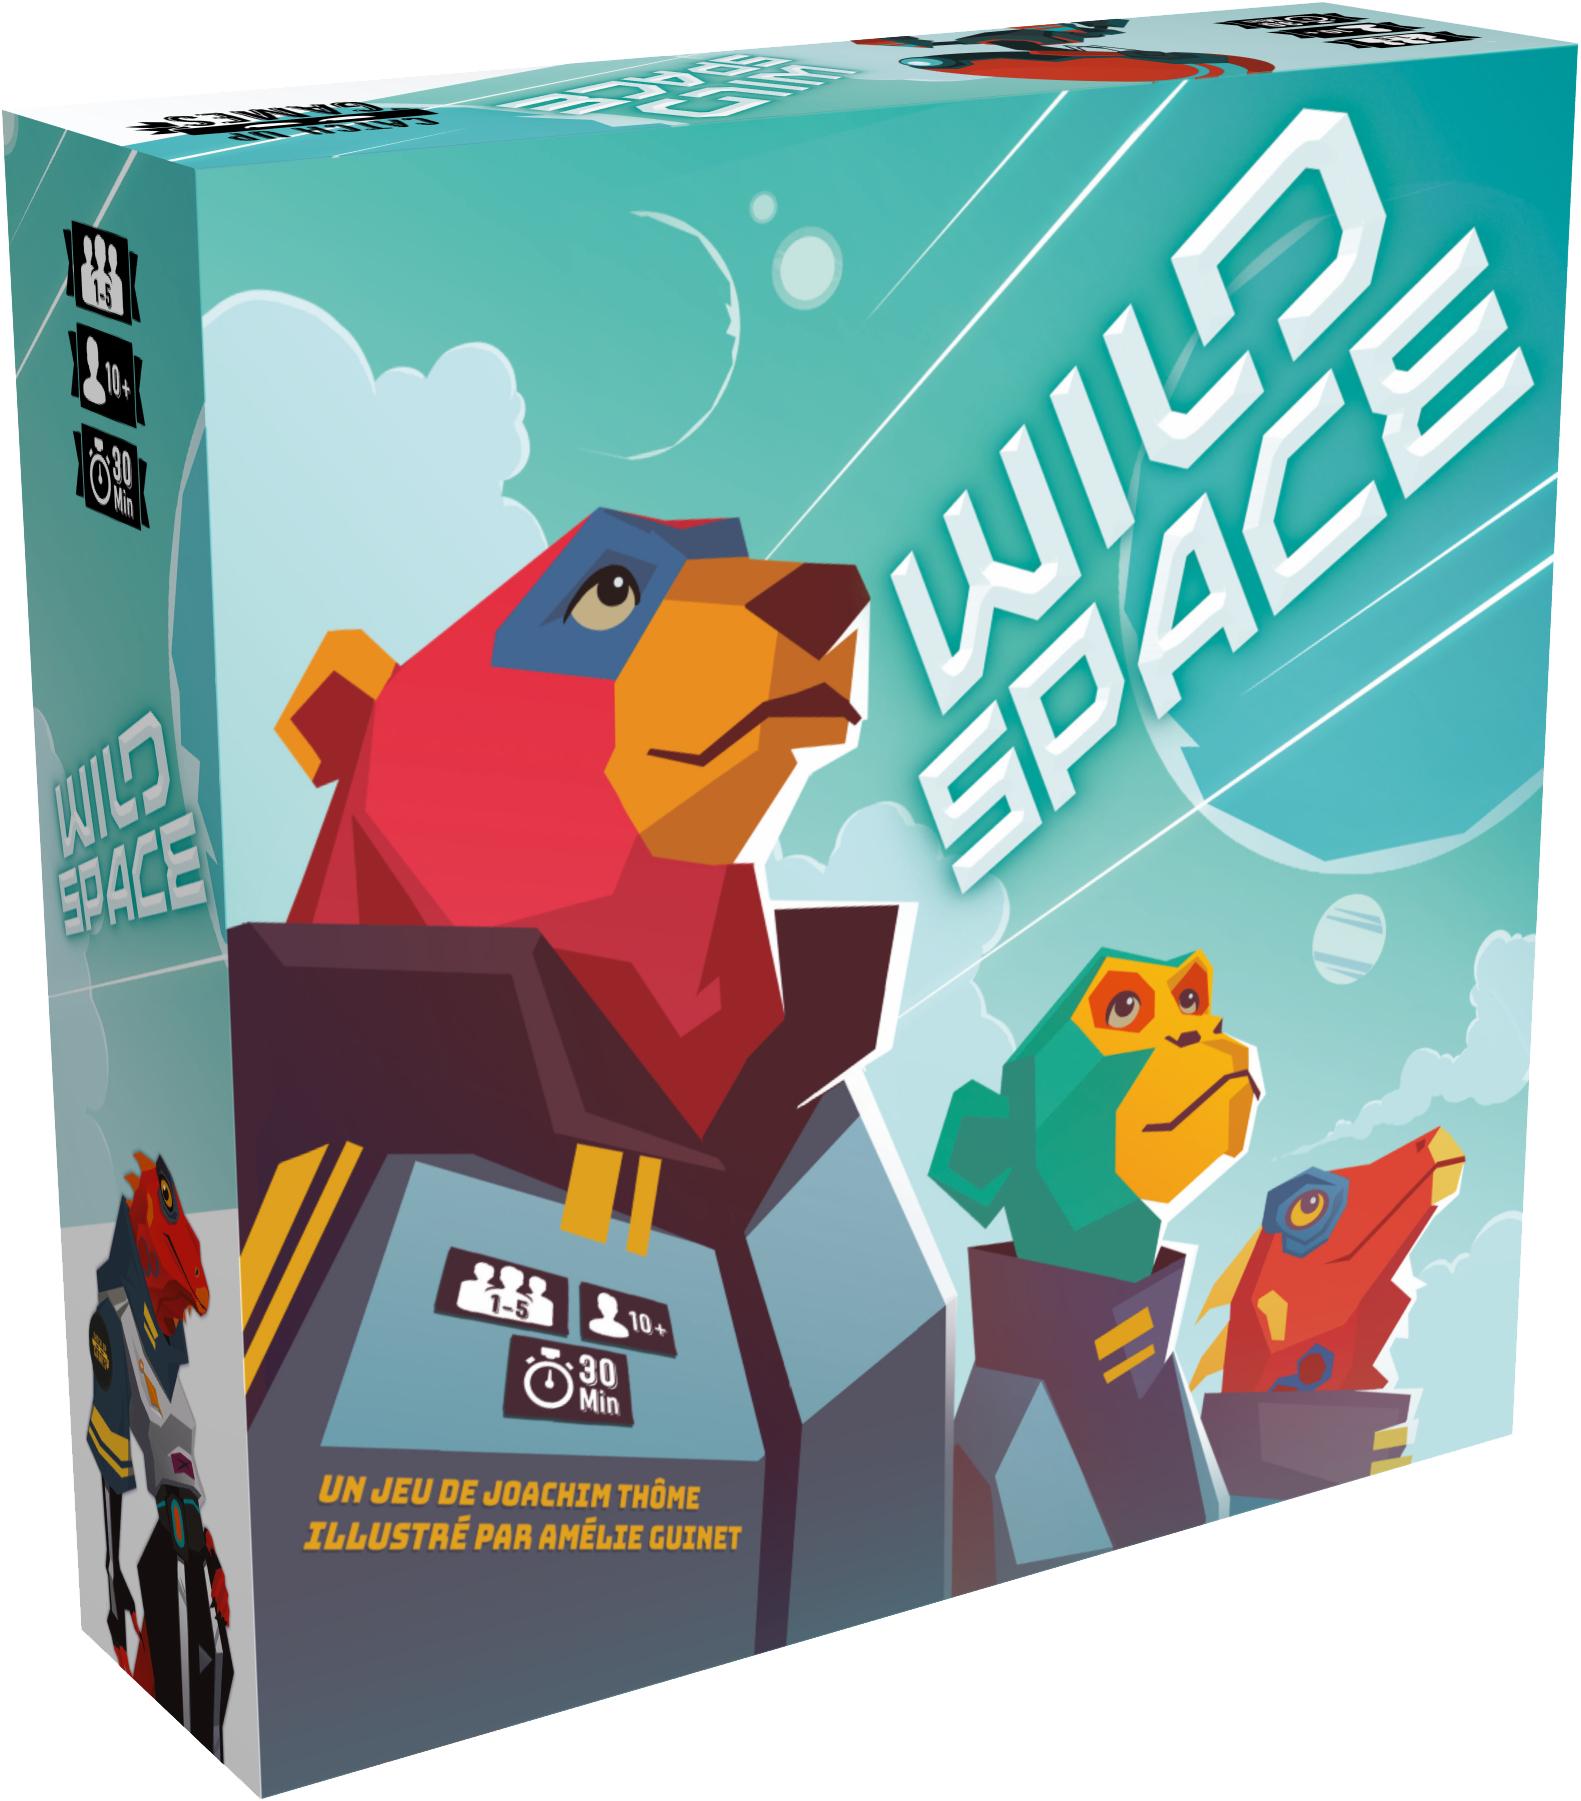 Jeu de société Wild Space + extension disponibles gratuitement en version Print'n'Play (Dématérialisé - catchupgames.com)